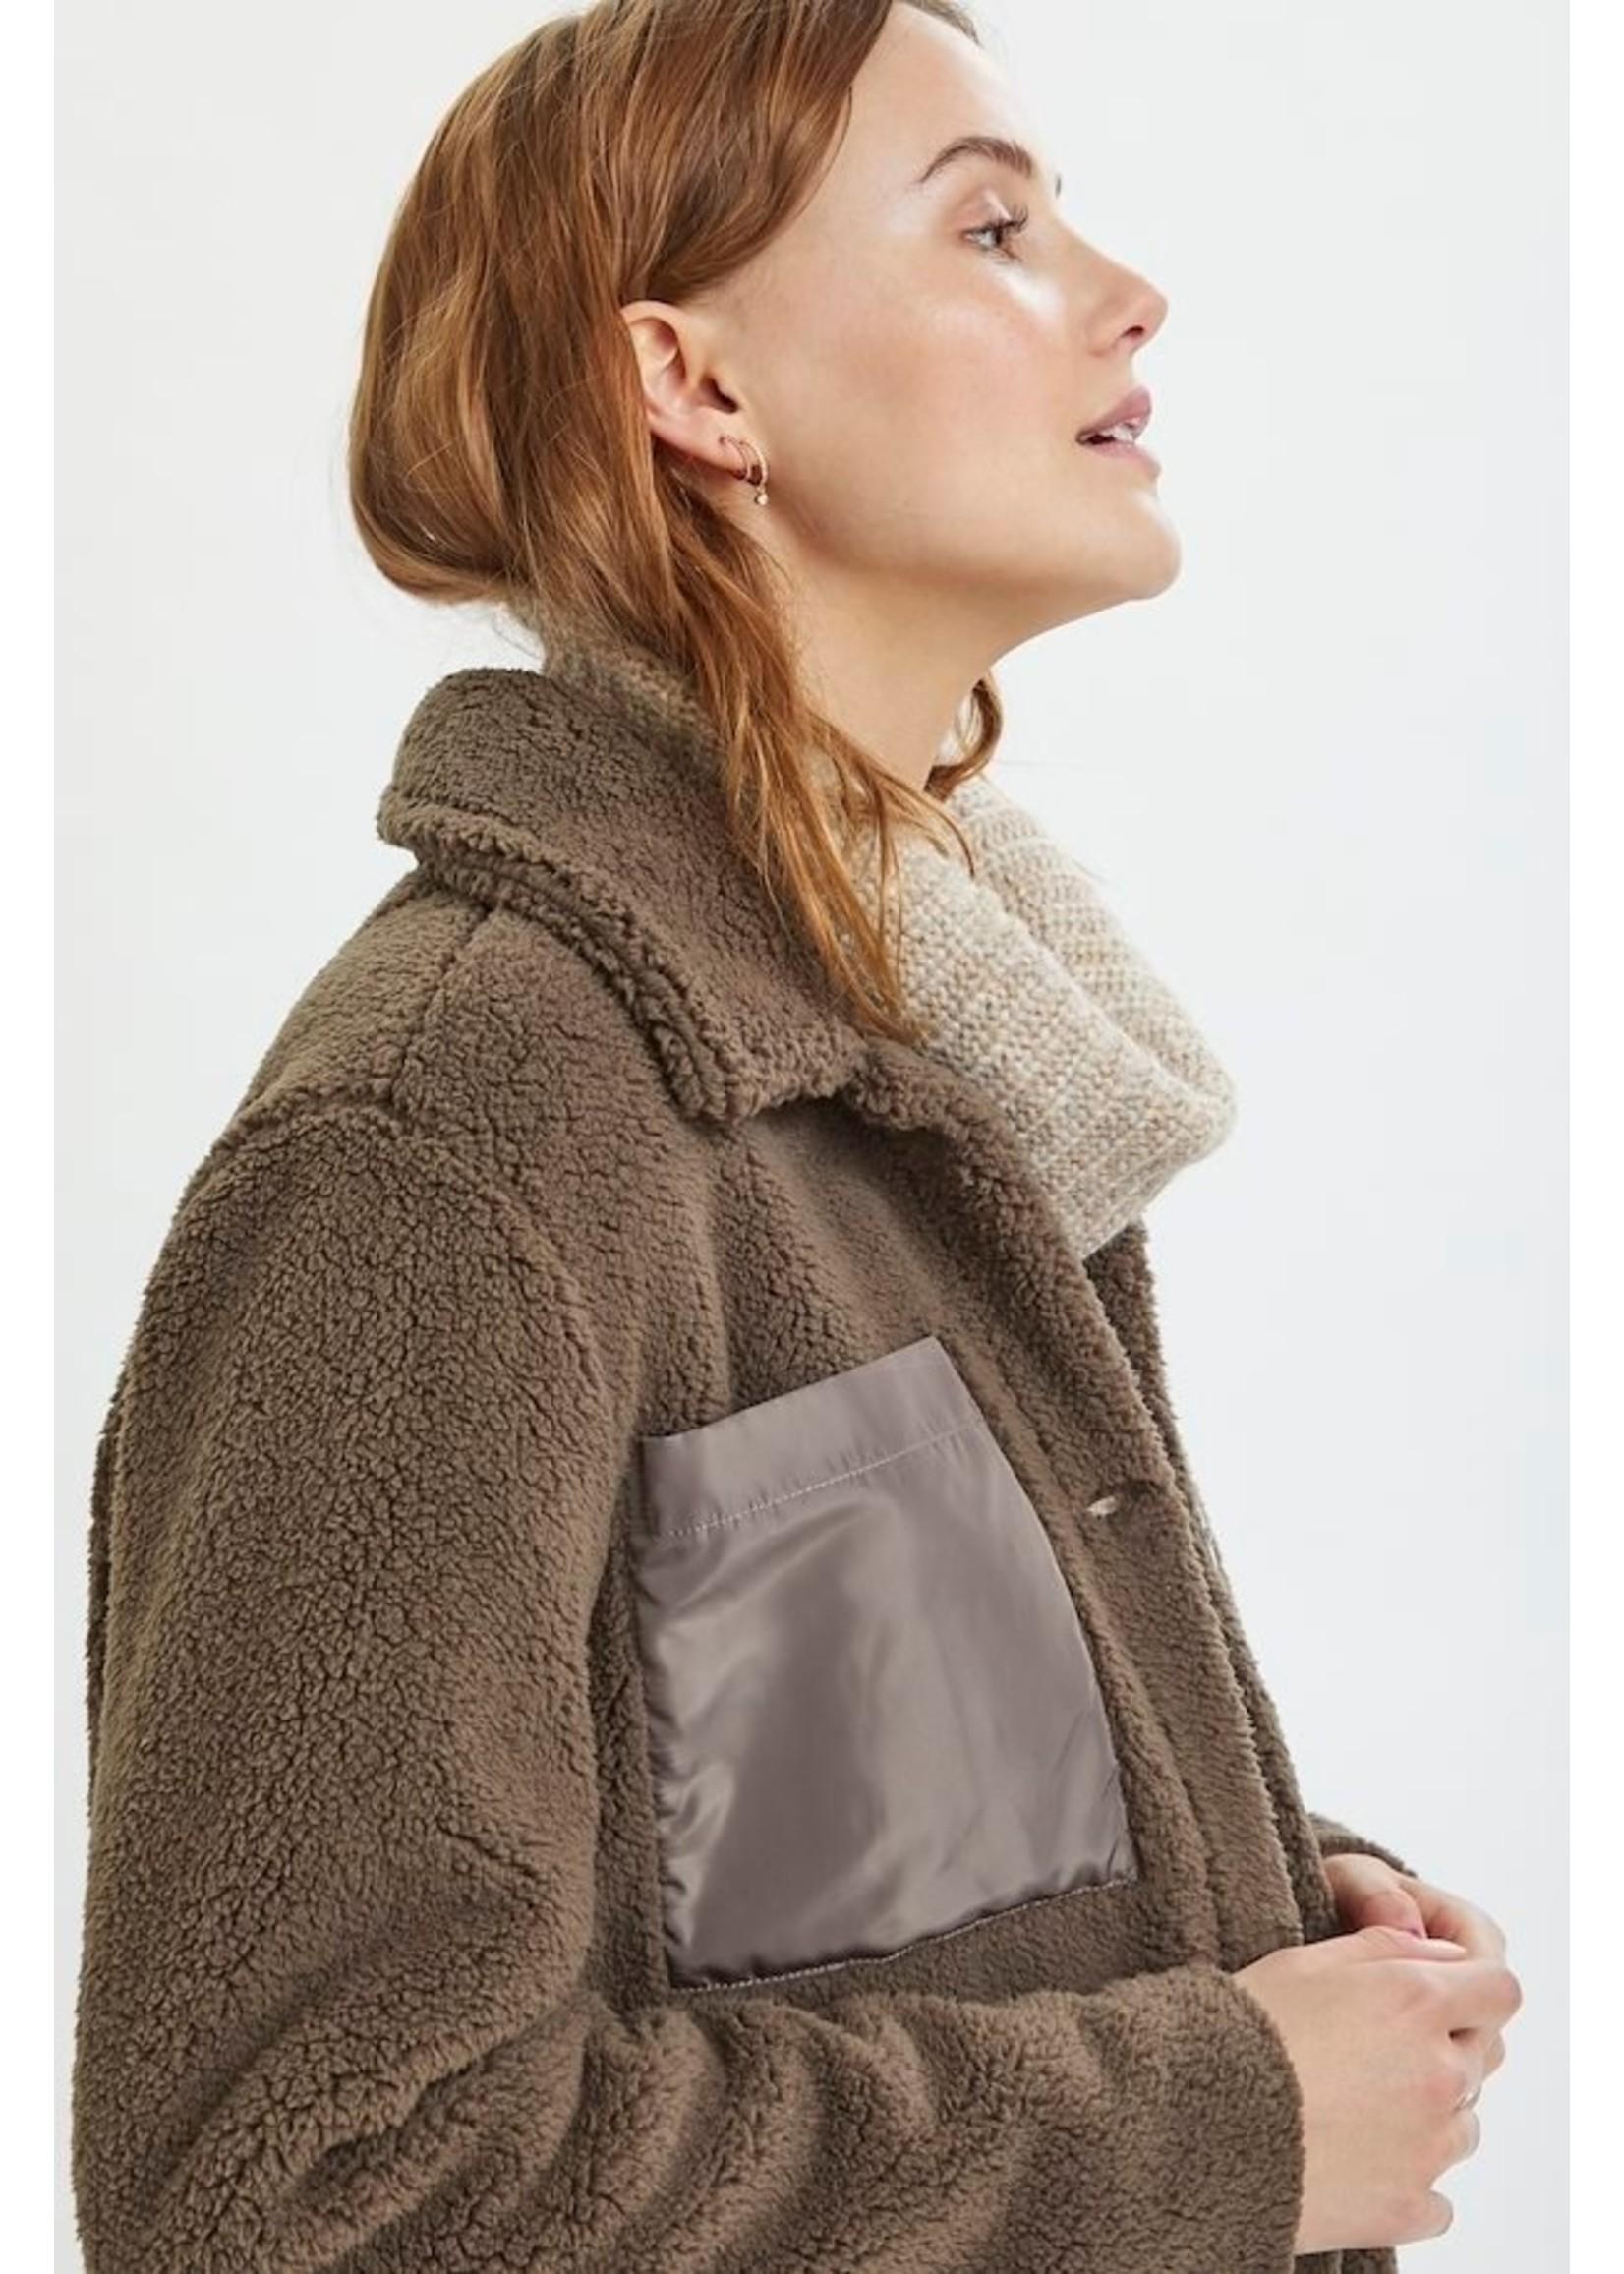 Saint Tropez IvitaSZ Jacket